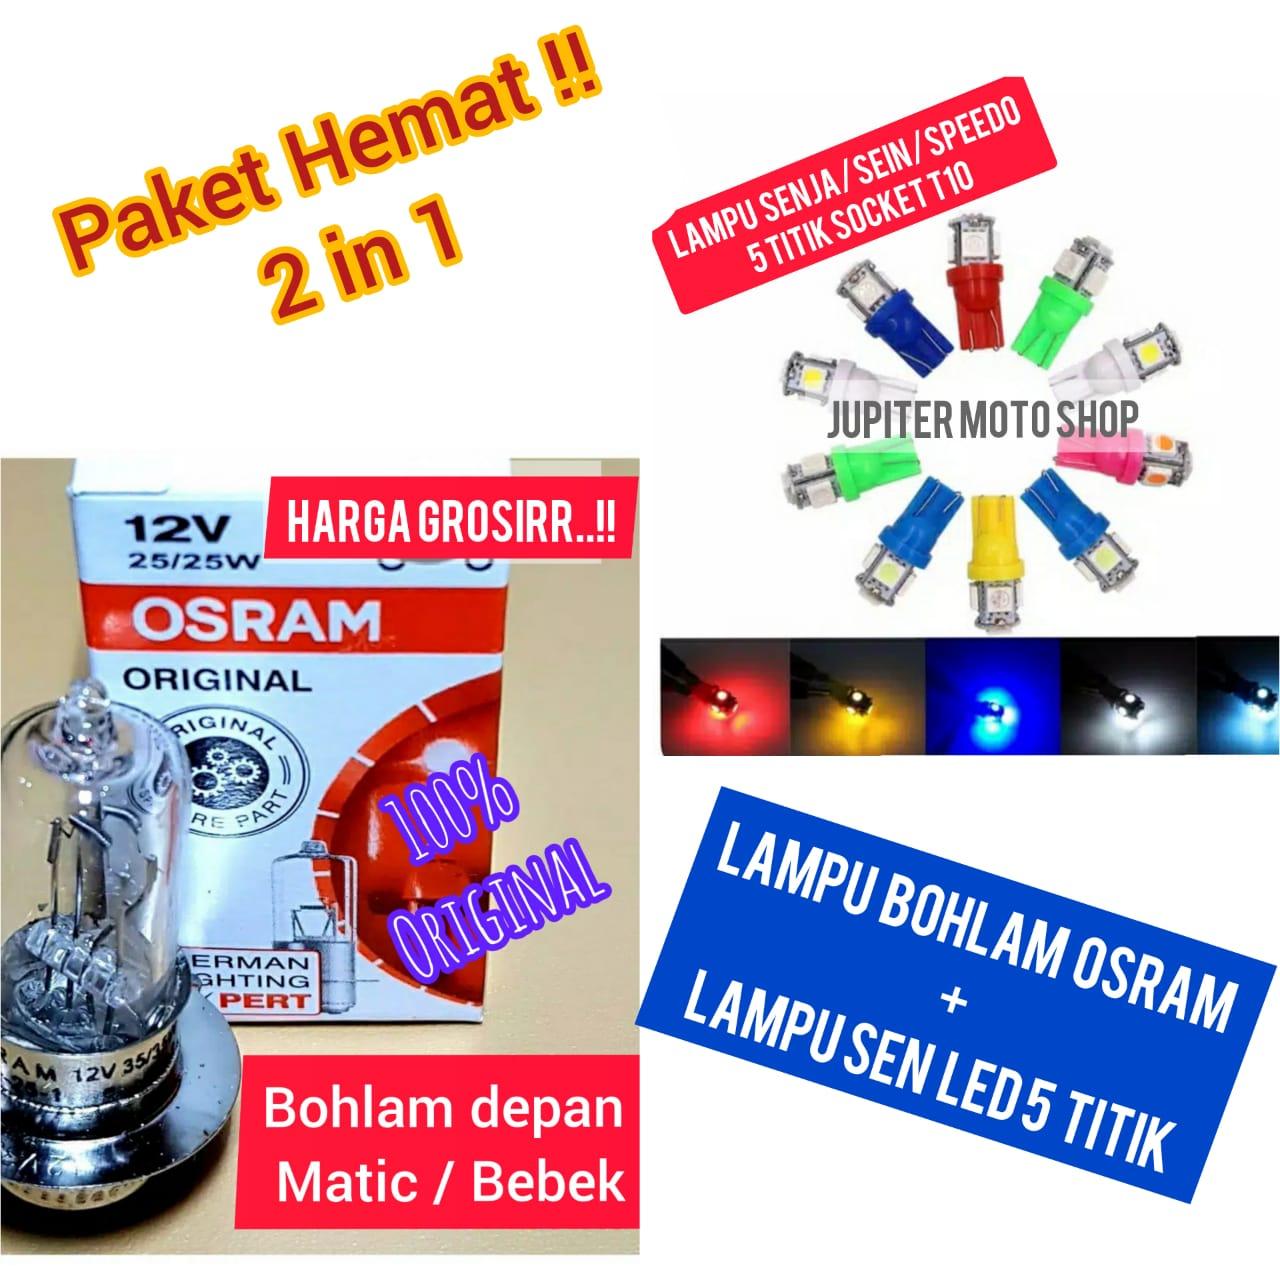 [paket 2in1] Lampu Bohlam Depan Beat Mio Vario Jupiter mx + Lampu Sen Senja LED 5 tItik